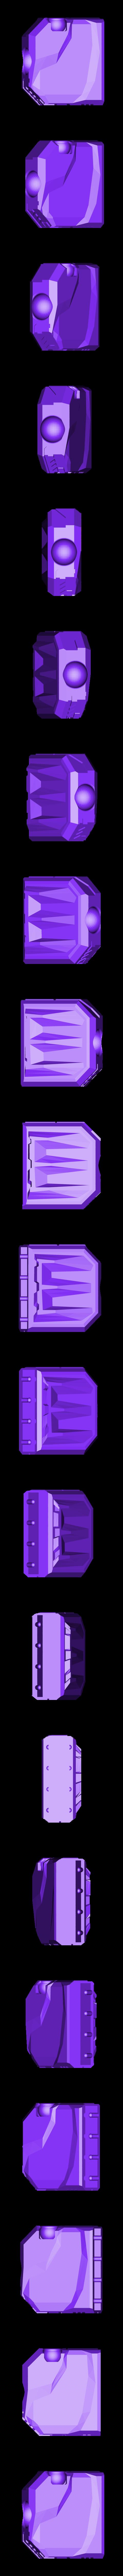 v2_hand_left.stl Télécharger fichier STL gratuit TRANSFORMERS CW POSABLE HANDS 2.0 • Design pour impression 3D, sickofyou